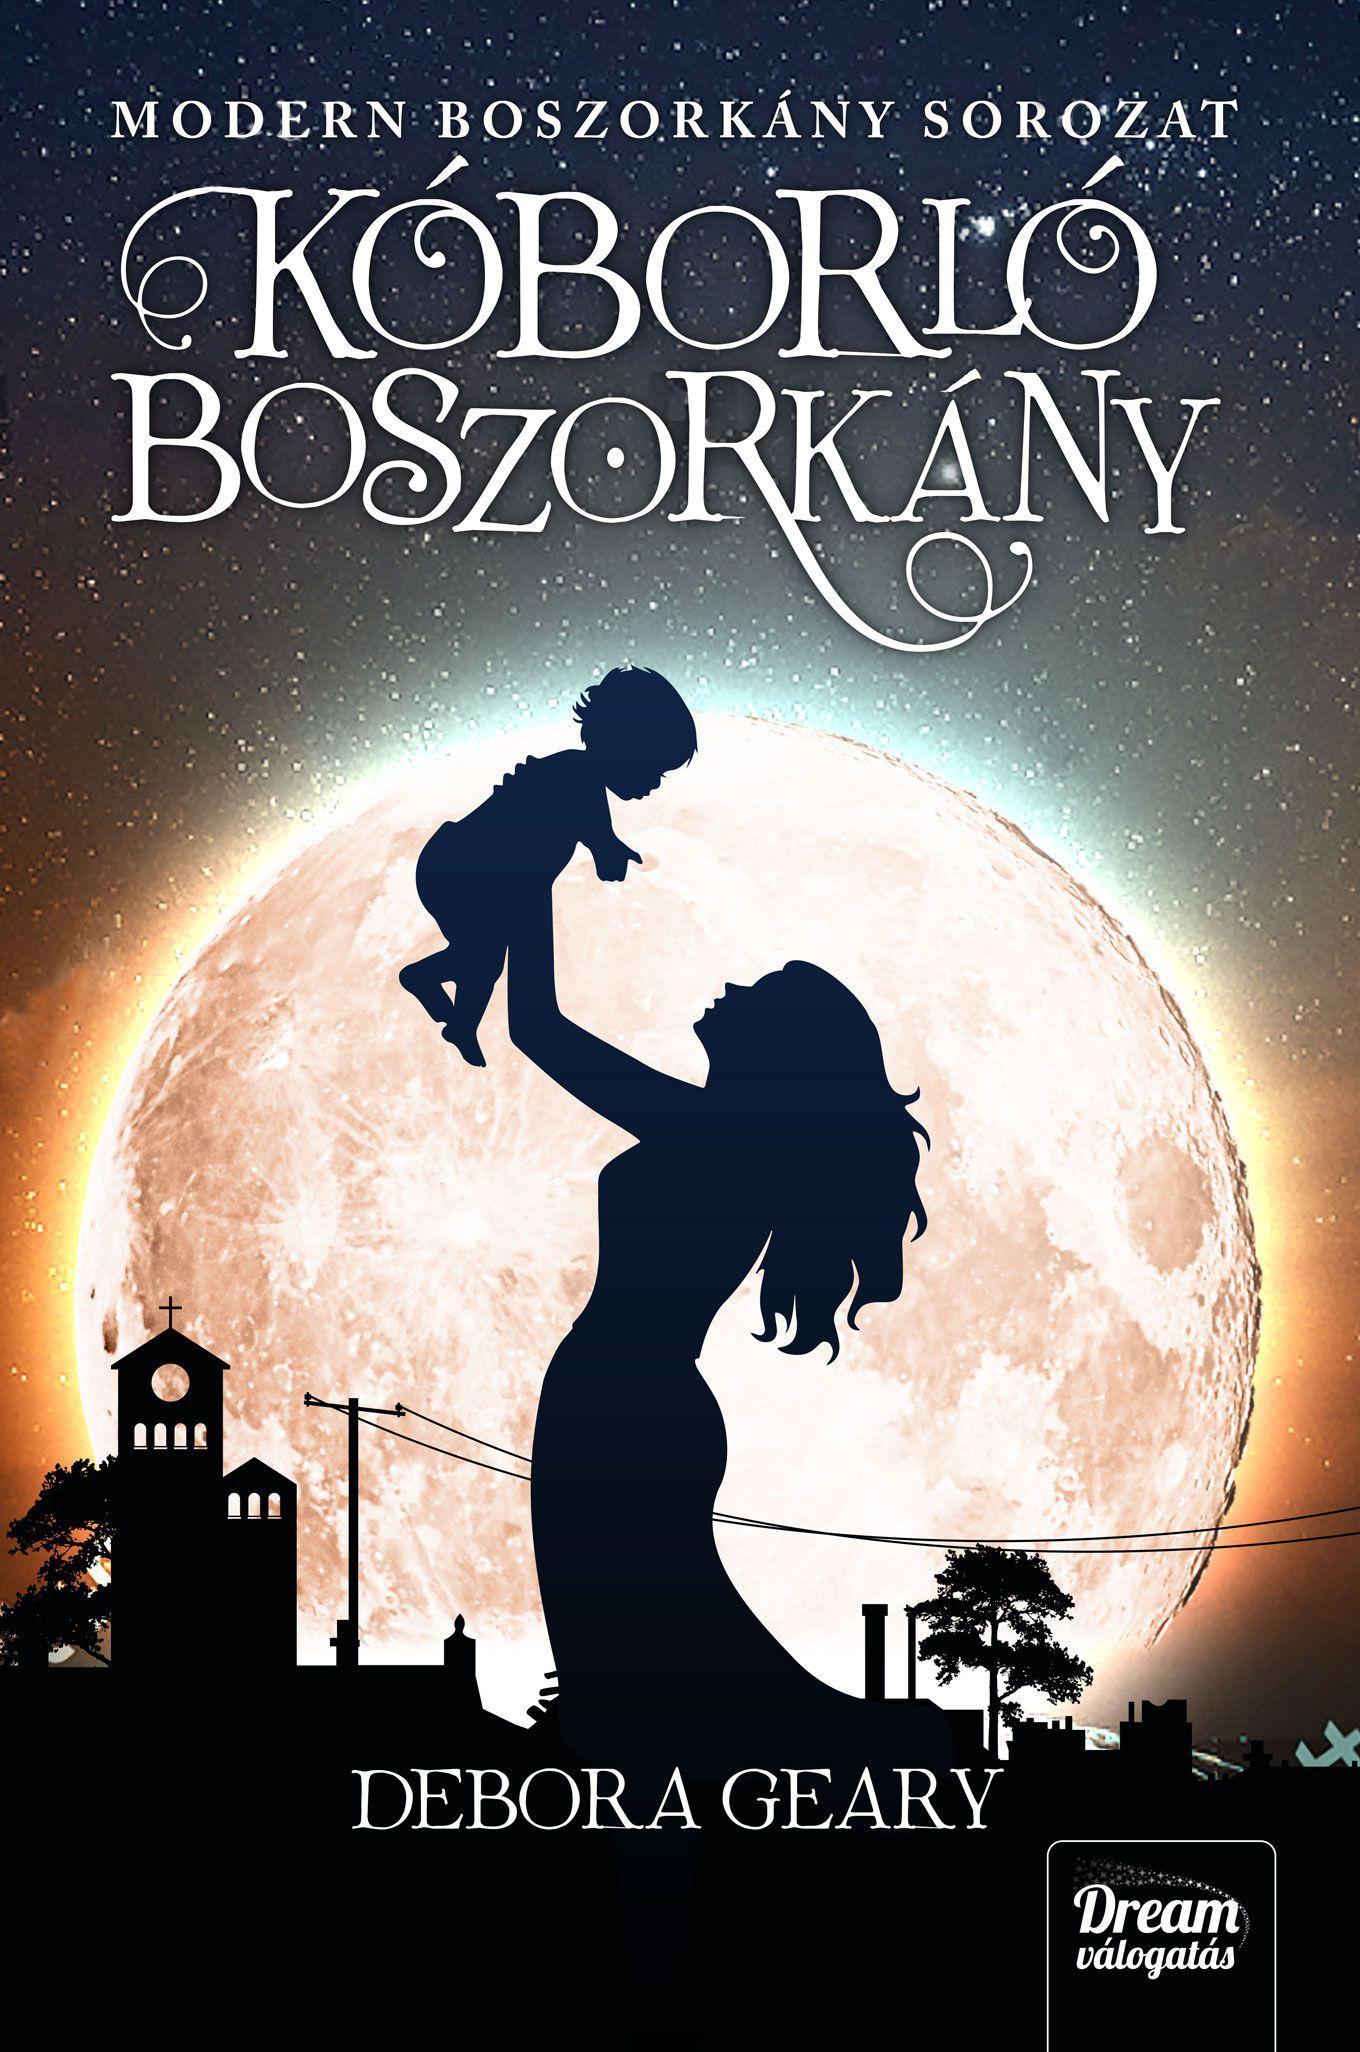 GEARY, DEBORA - KÓBORLÓ BOSZORKÁNY - MODERN BOSZORKÁNY SOROZAT 4. RÉSZ